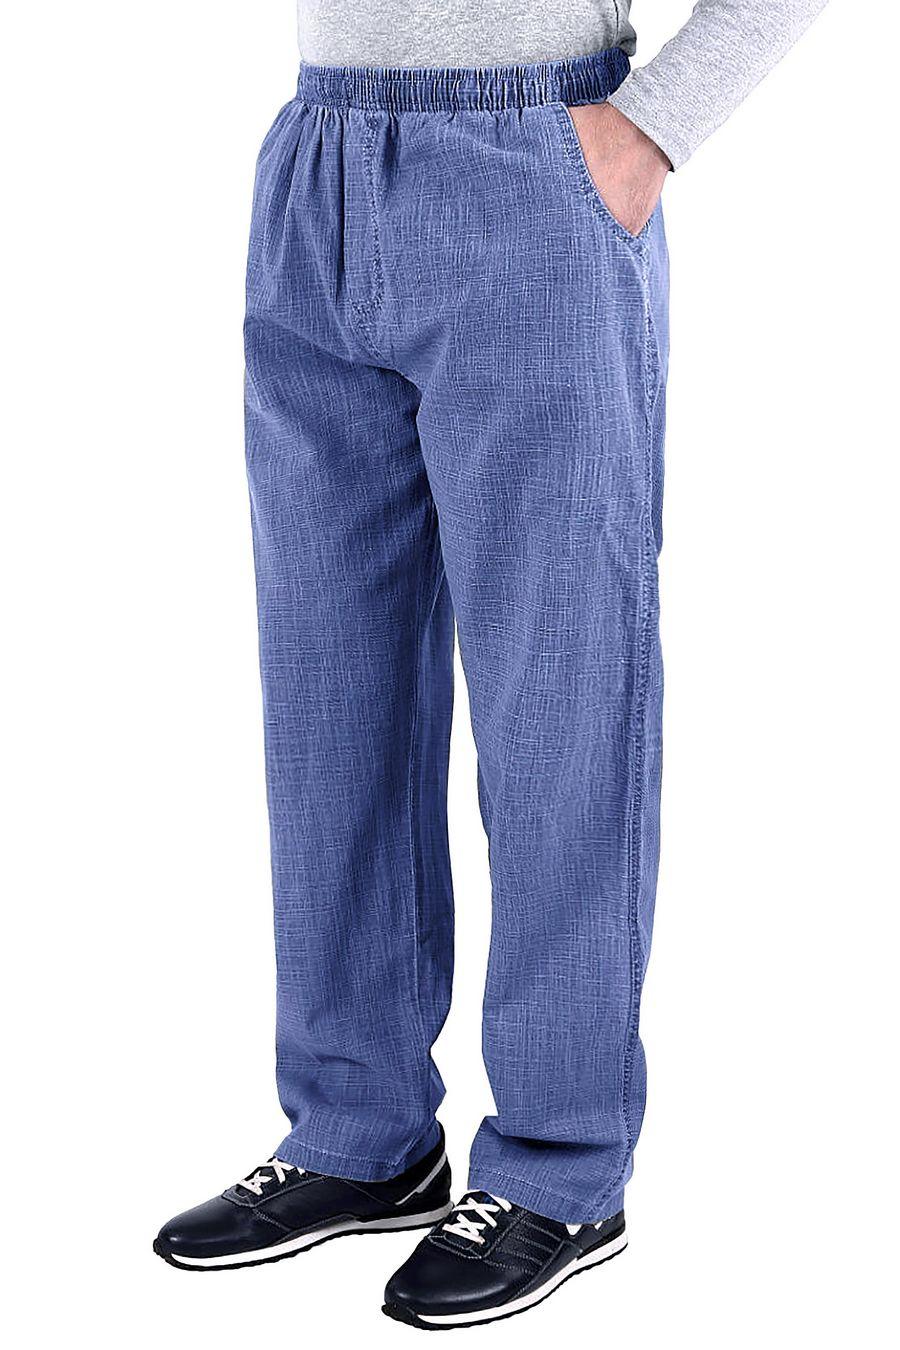 Брюки мужские JJX C6 синие - фото 1